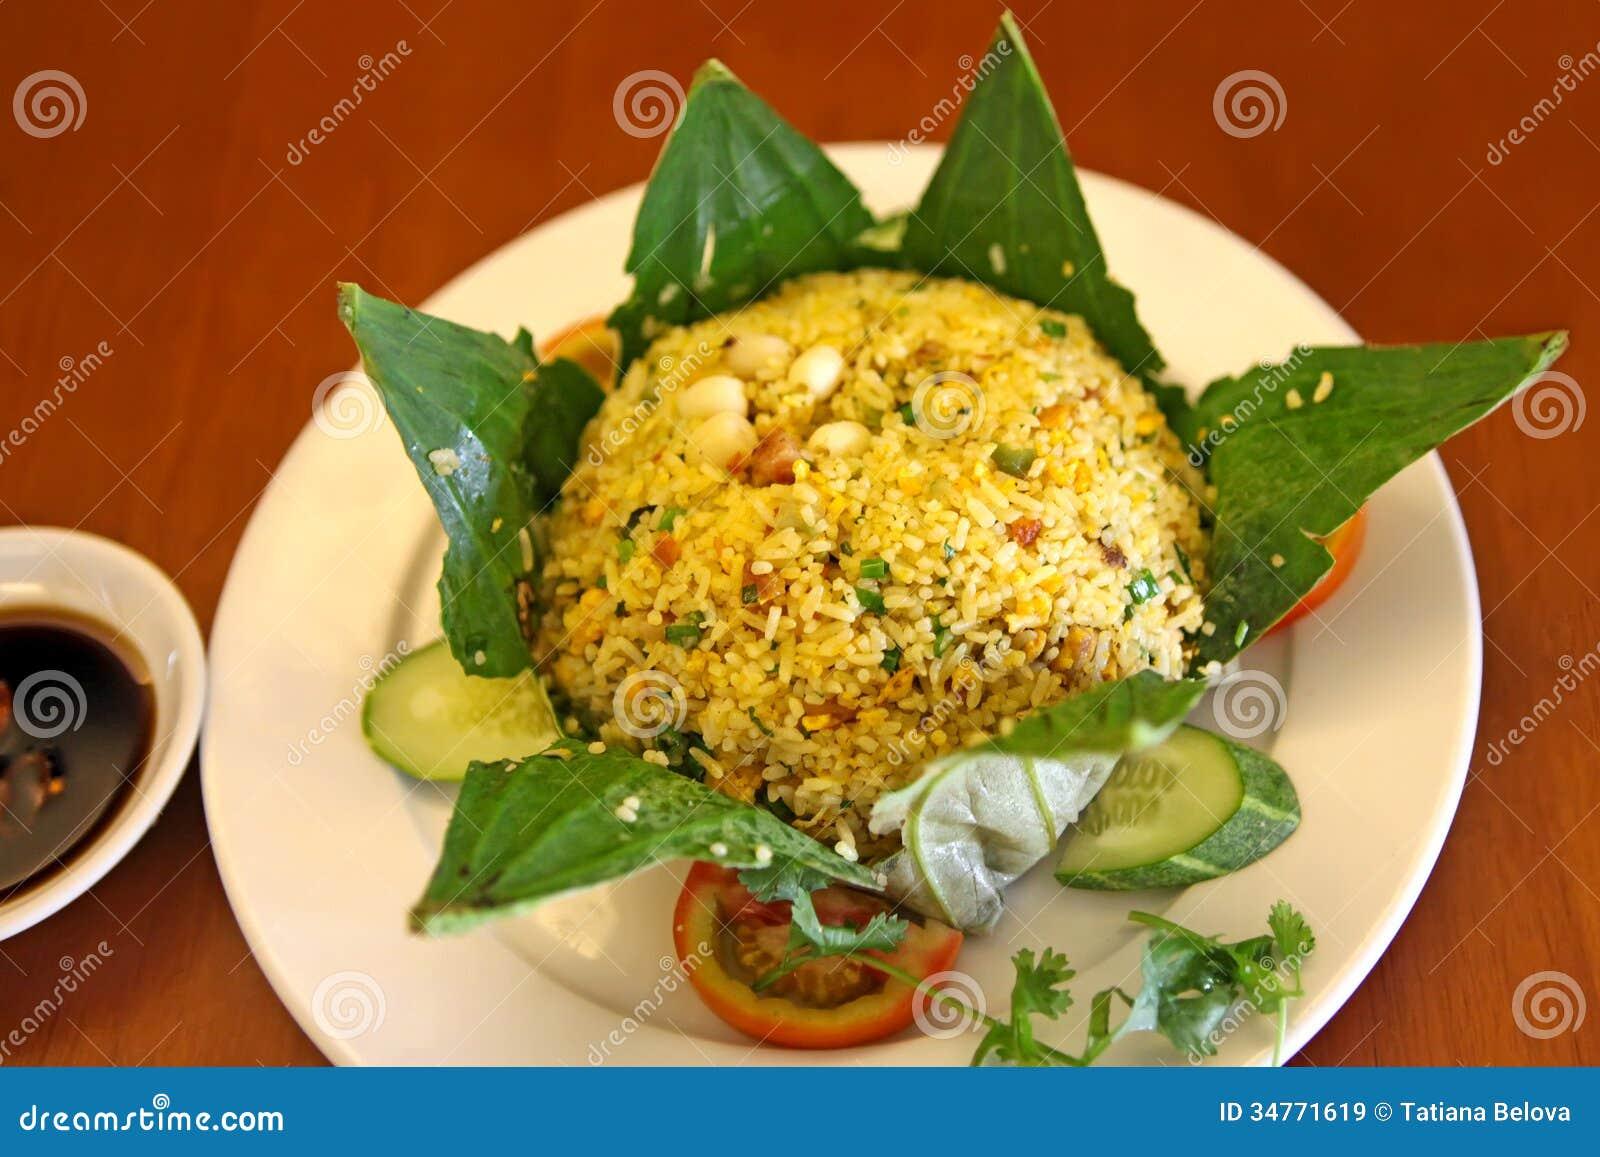 Рис в лист лотоса